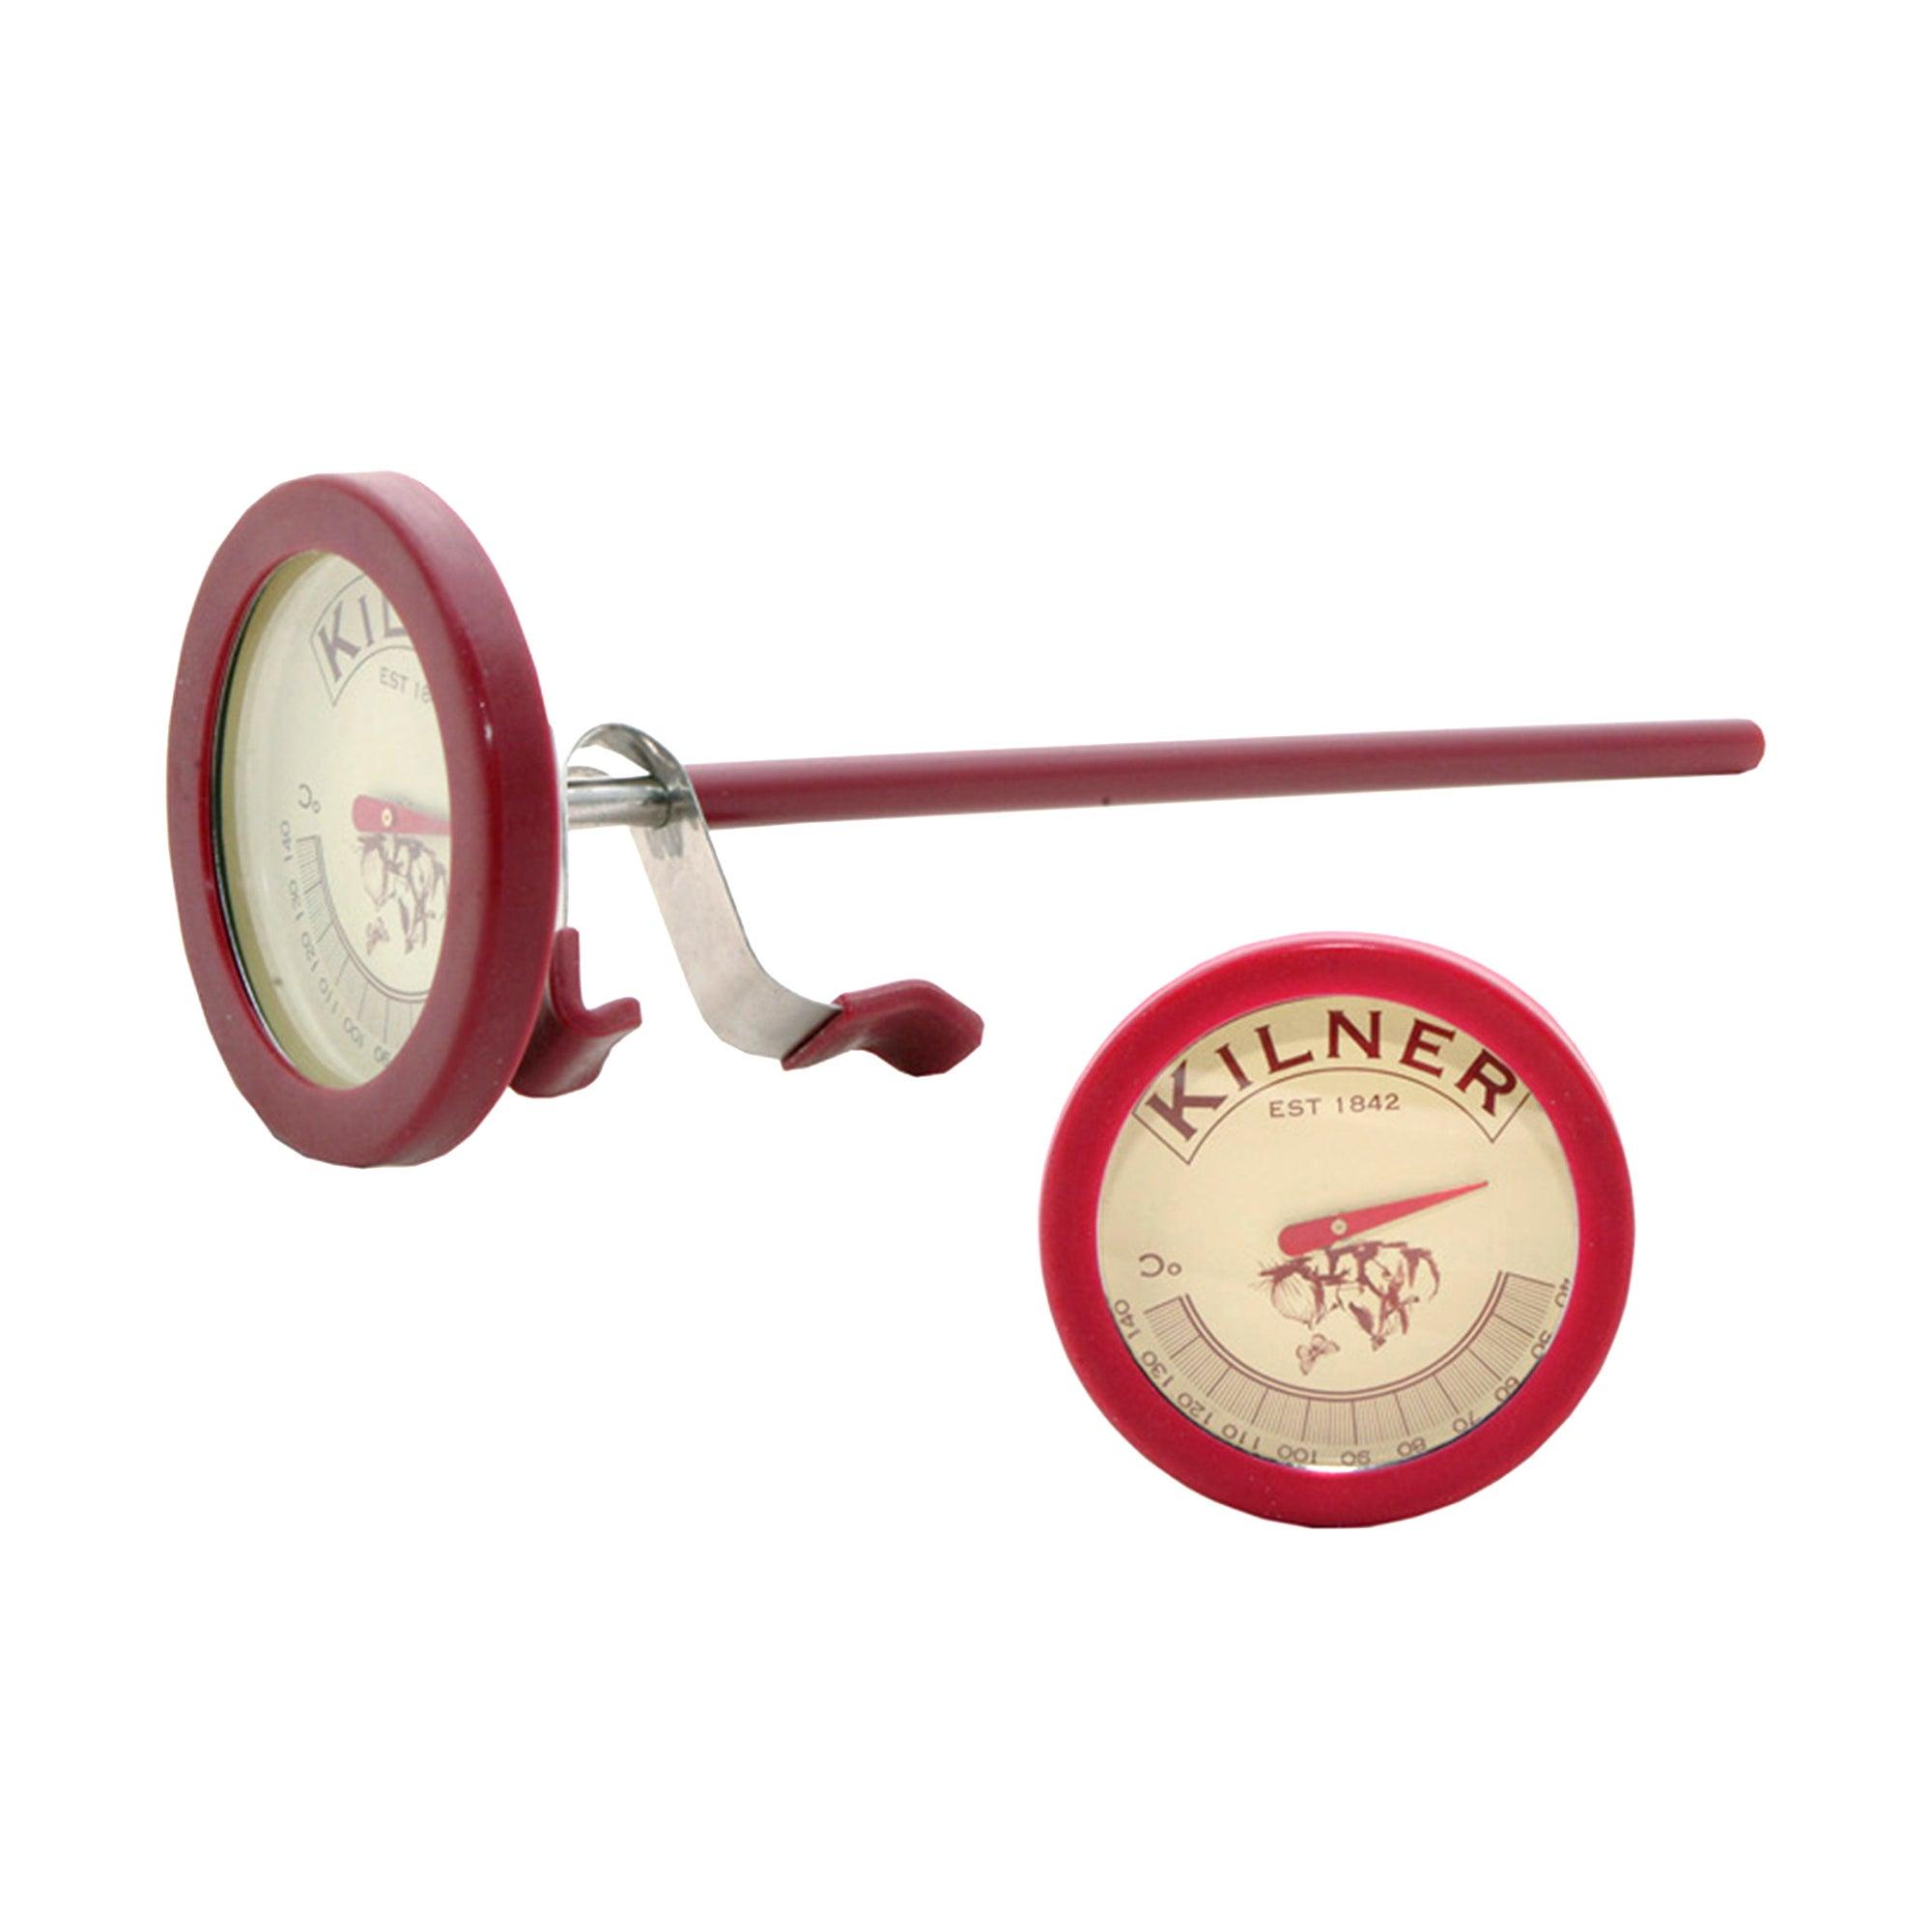 Kilner Thermometer